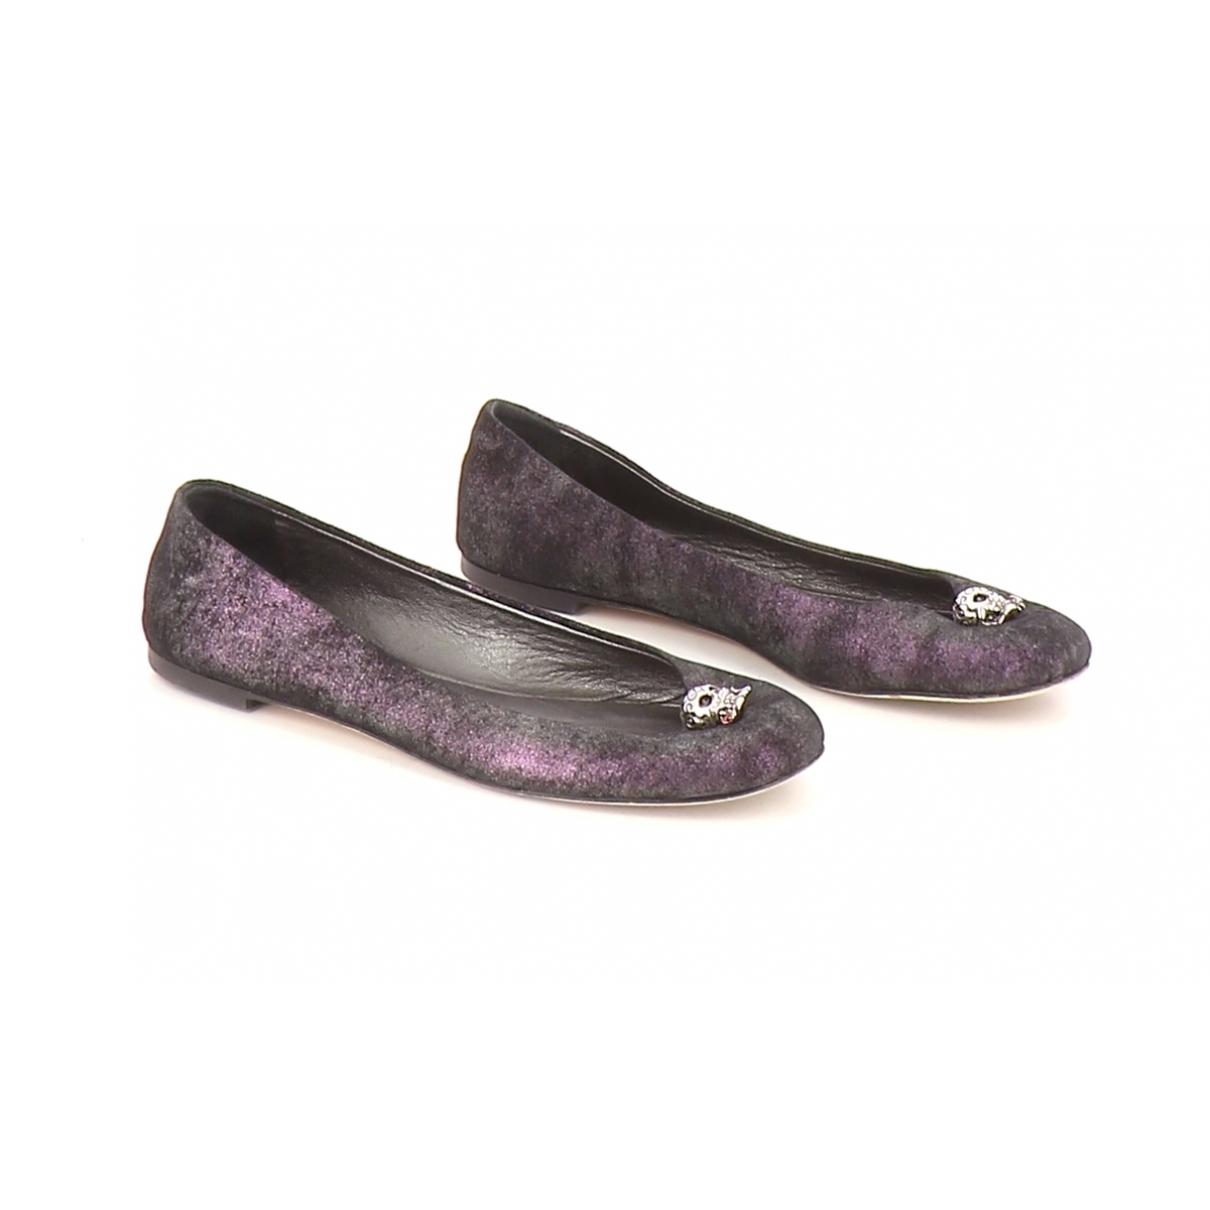 Giuseppe Zanotti - Ballerines   pour femme en toile - violet